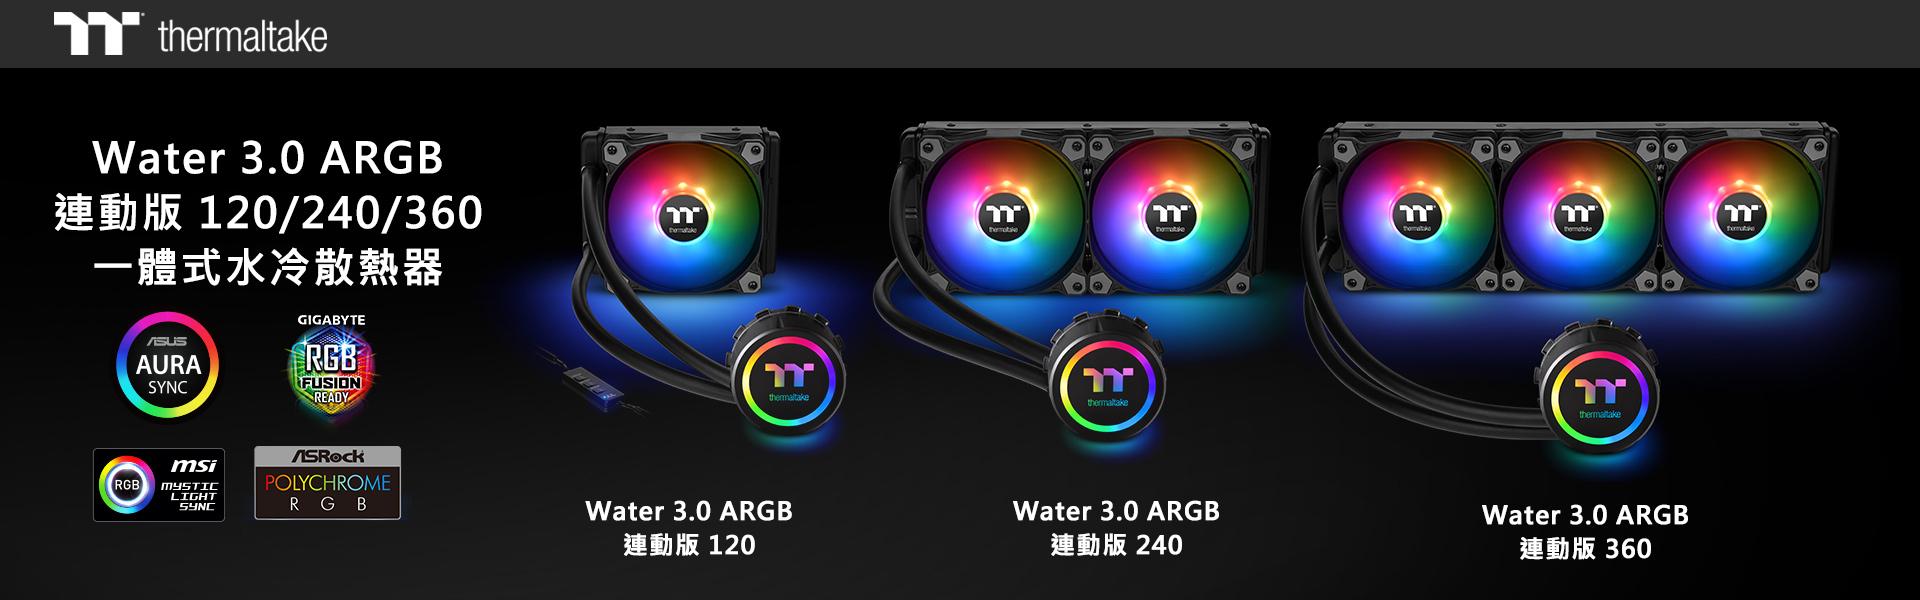 曜越於CES 2019發表全新Water 3.0 ARGB連動版120,240,360一體式水冷散熱器_1